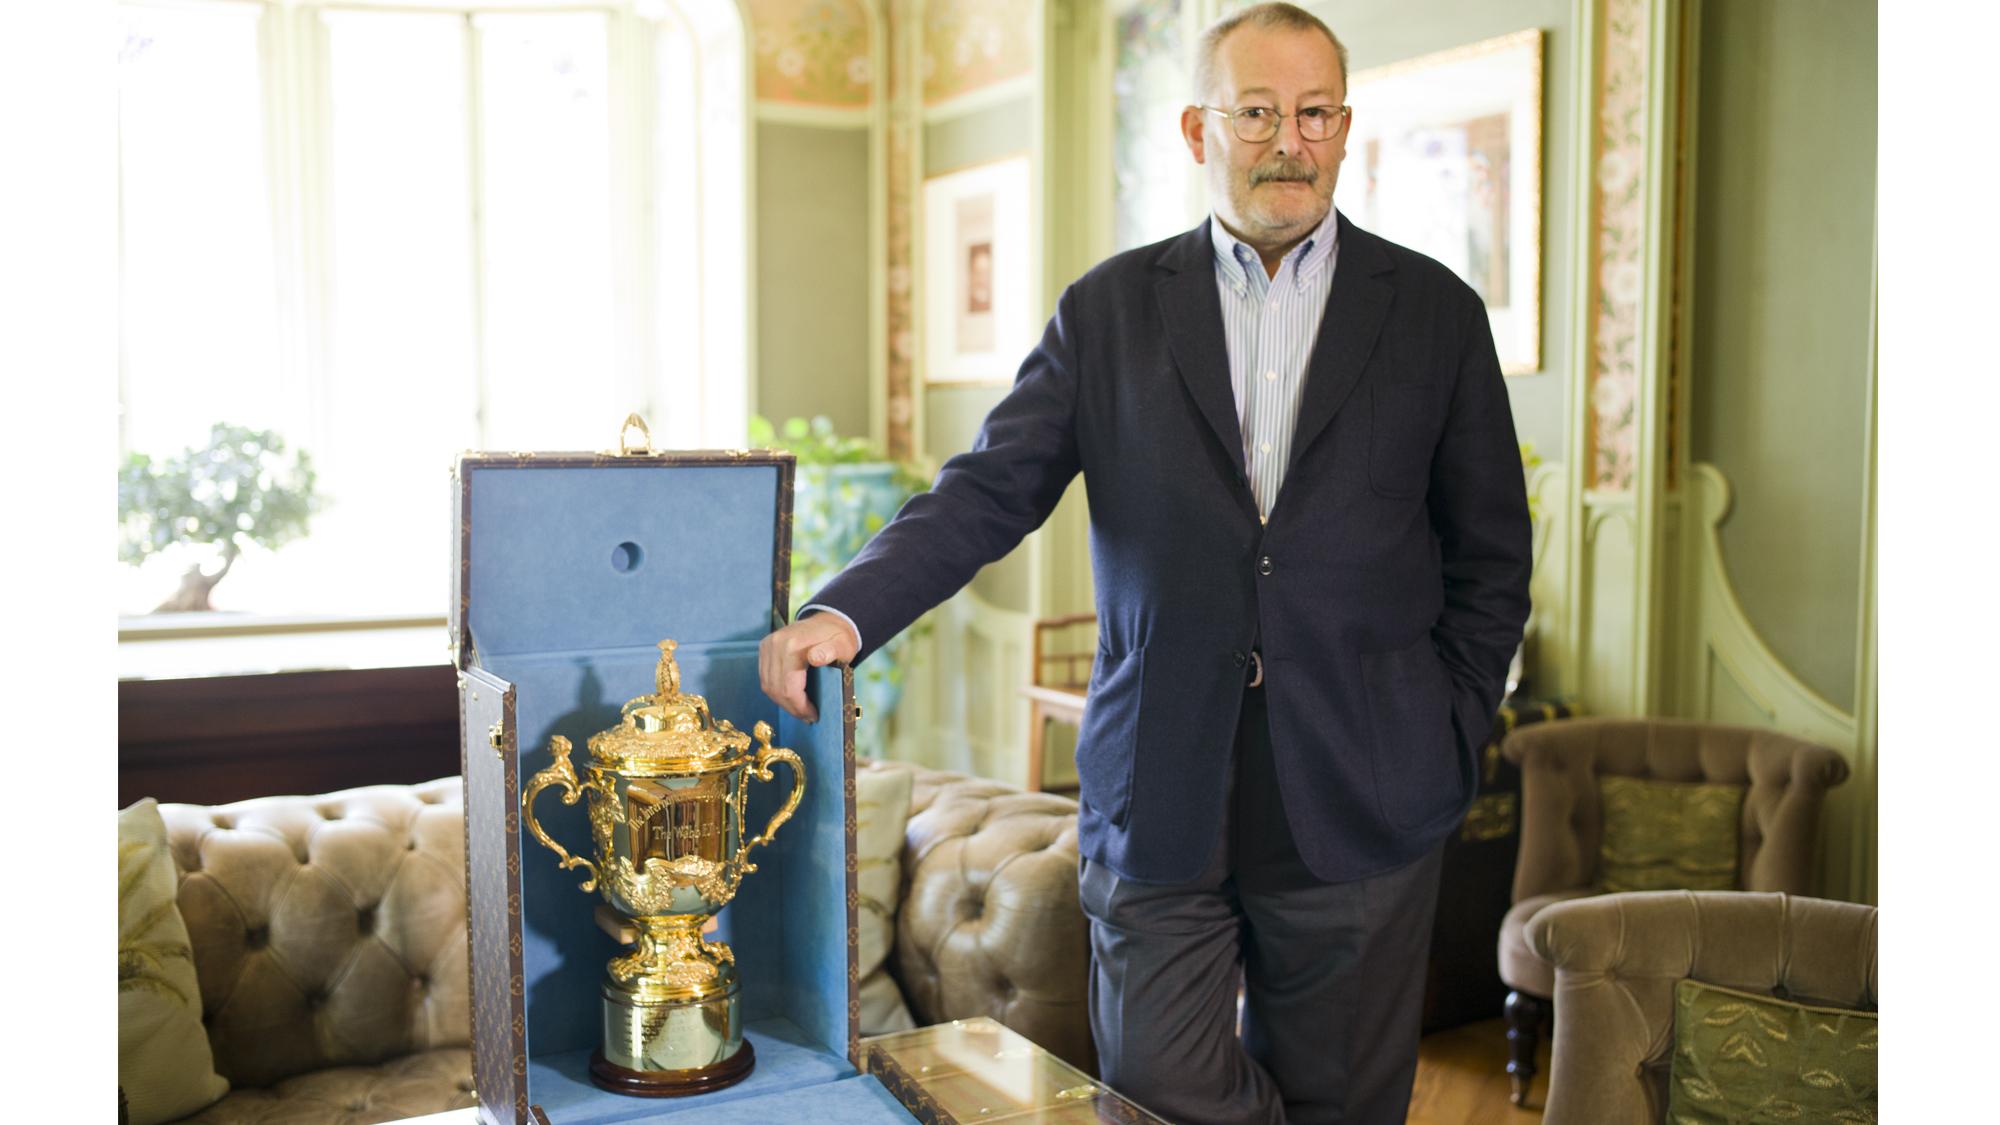 Une malle louis vuitton pour le troph e de la coupe du monde de rugby 2015 - Billetterie coupe du monde 2015 ...